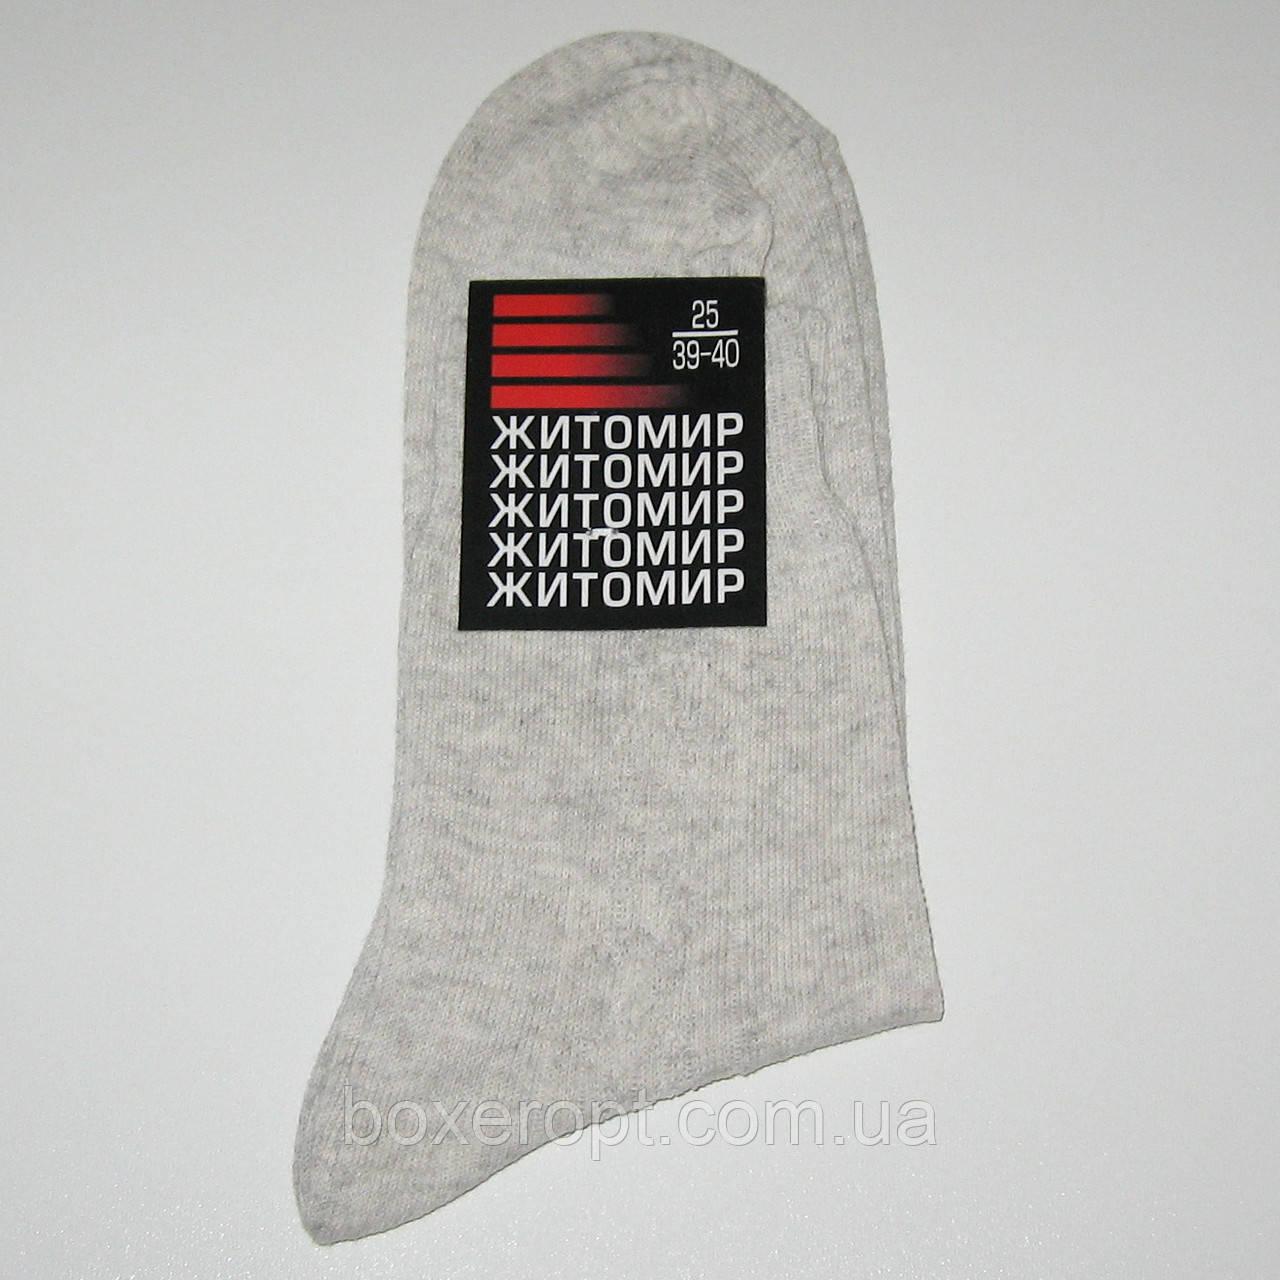 Мужские носки Житомир - 5.00 грн./пара (гладь, серые), фото 1